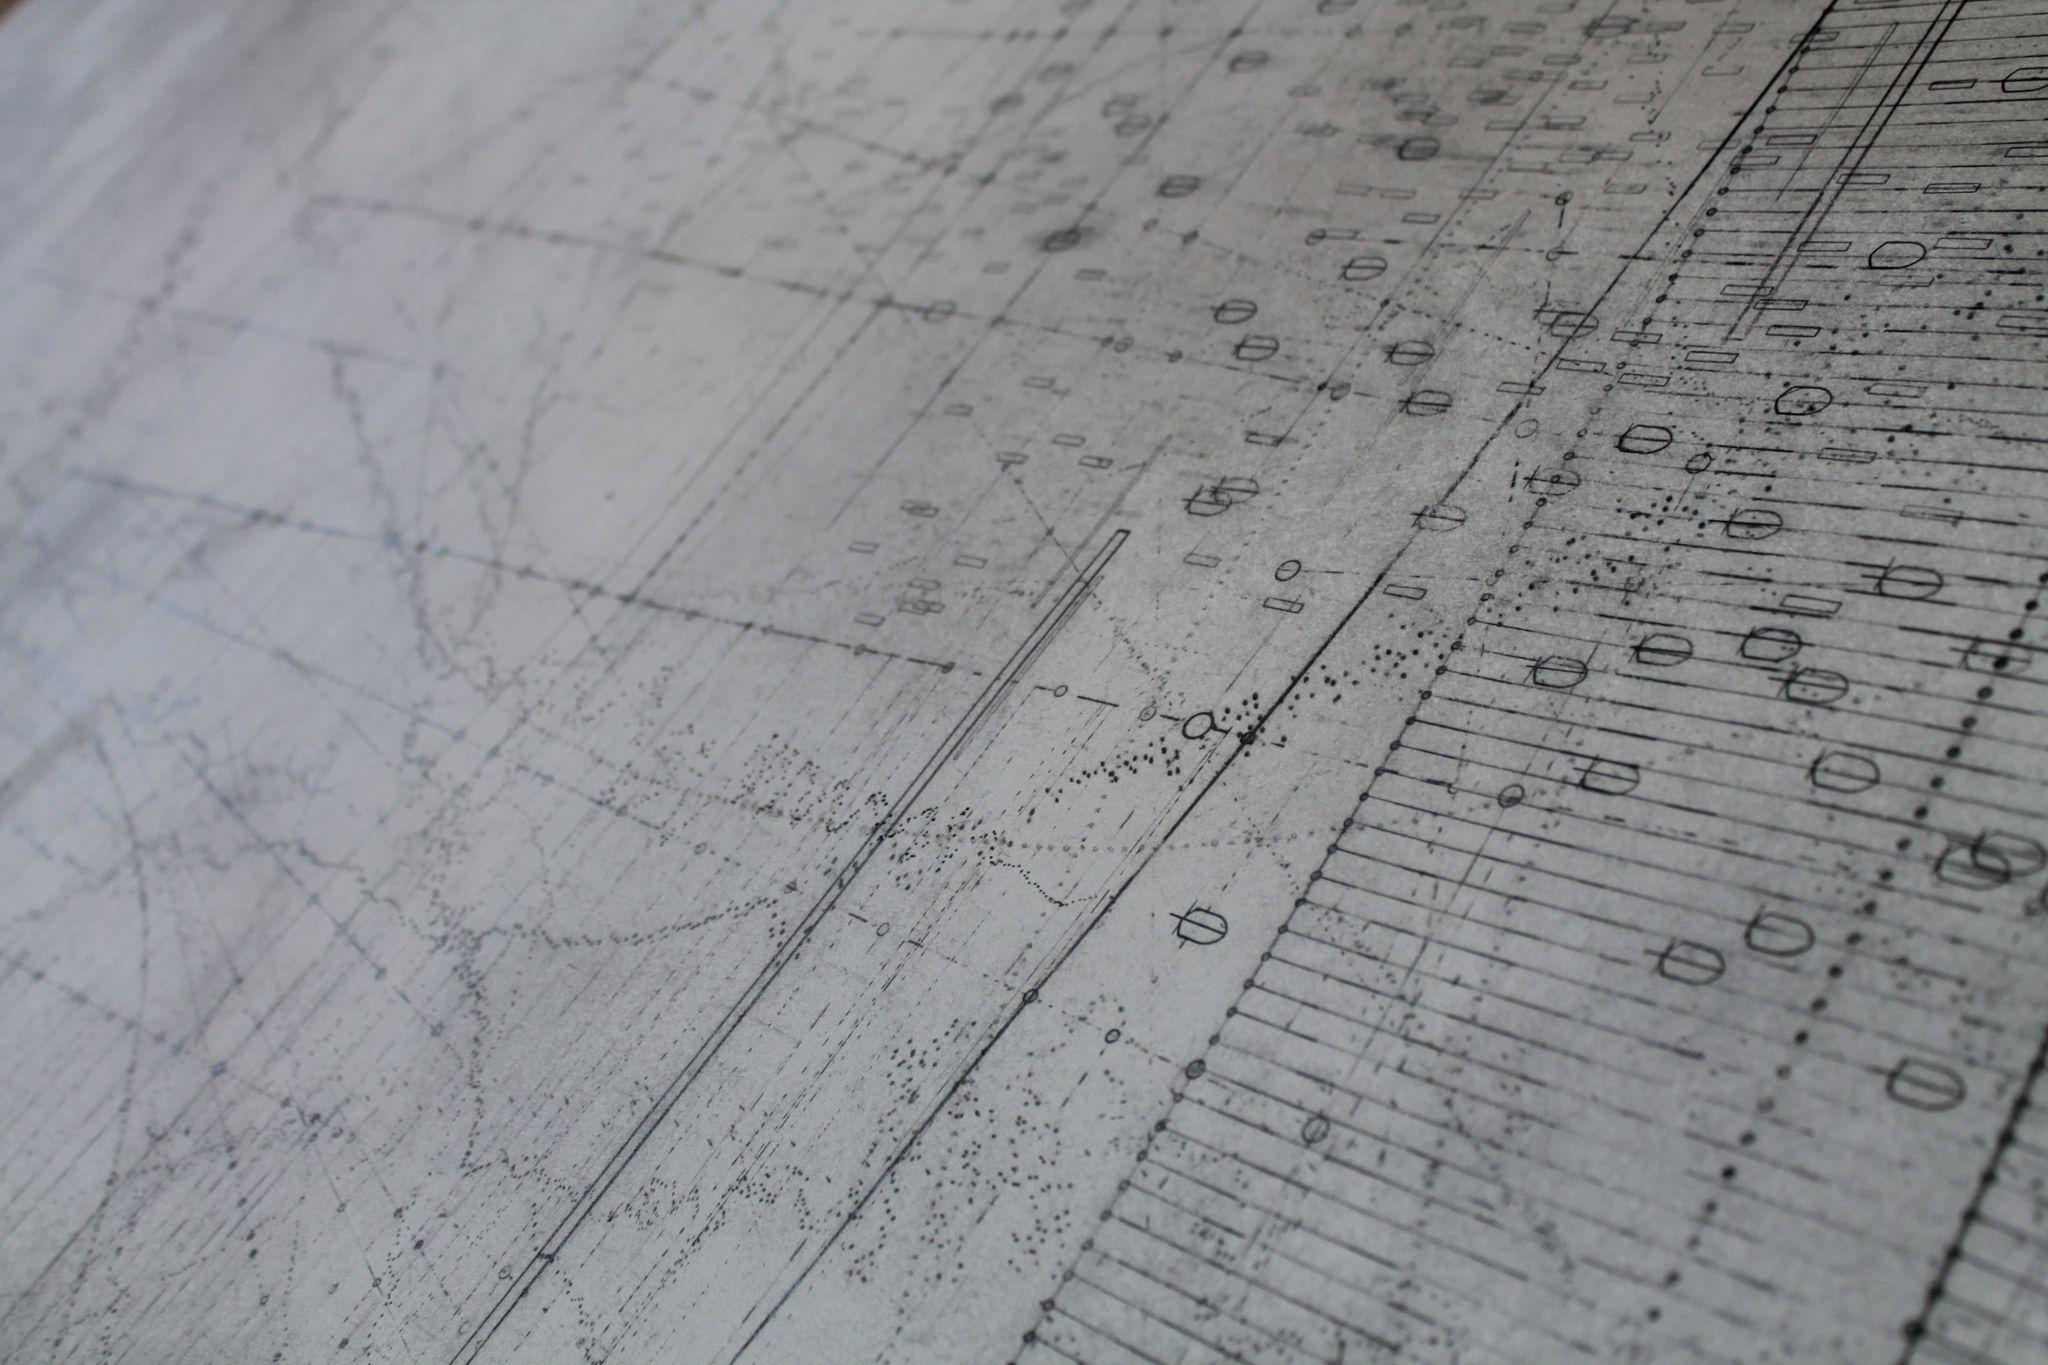 Cf1 2 Cartography Hayward Gallery Map